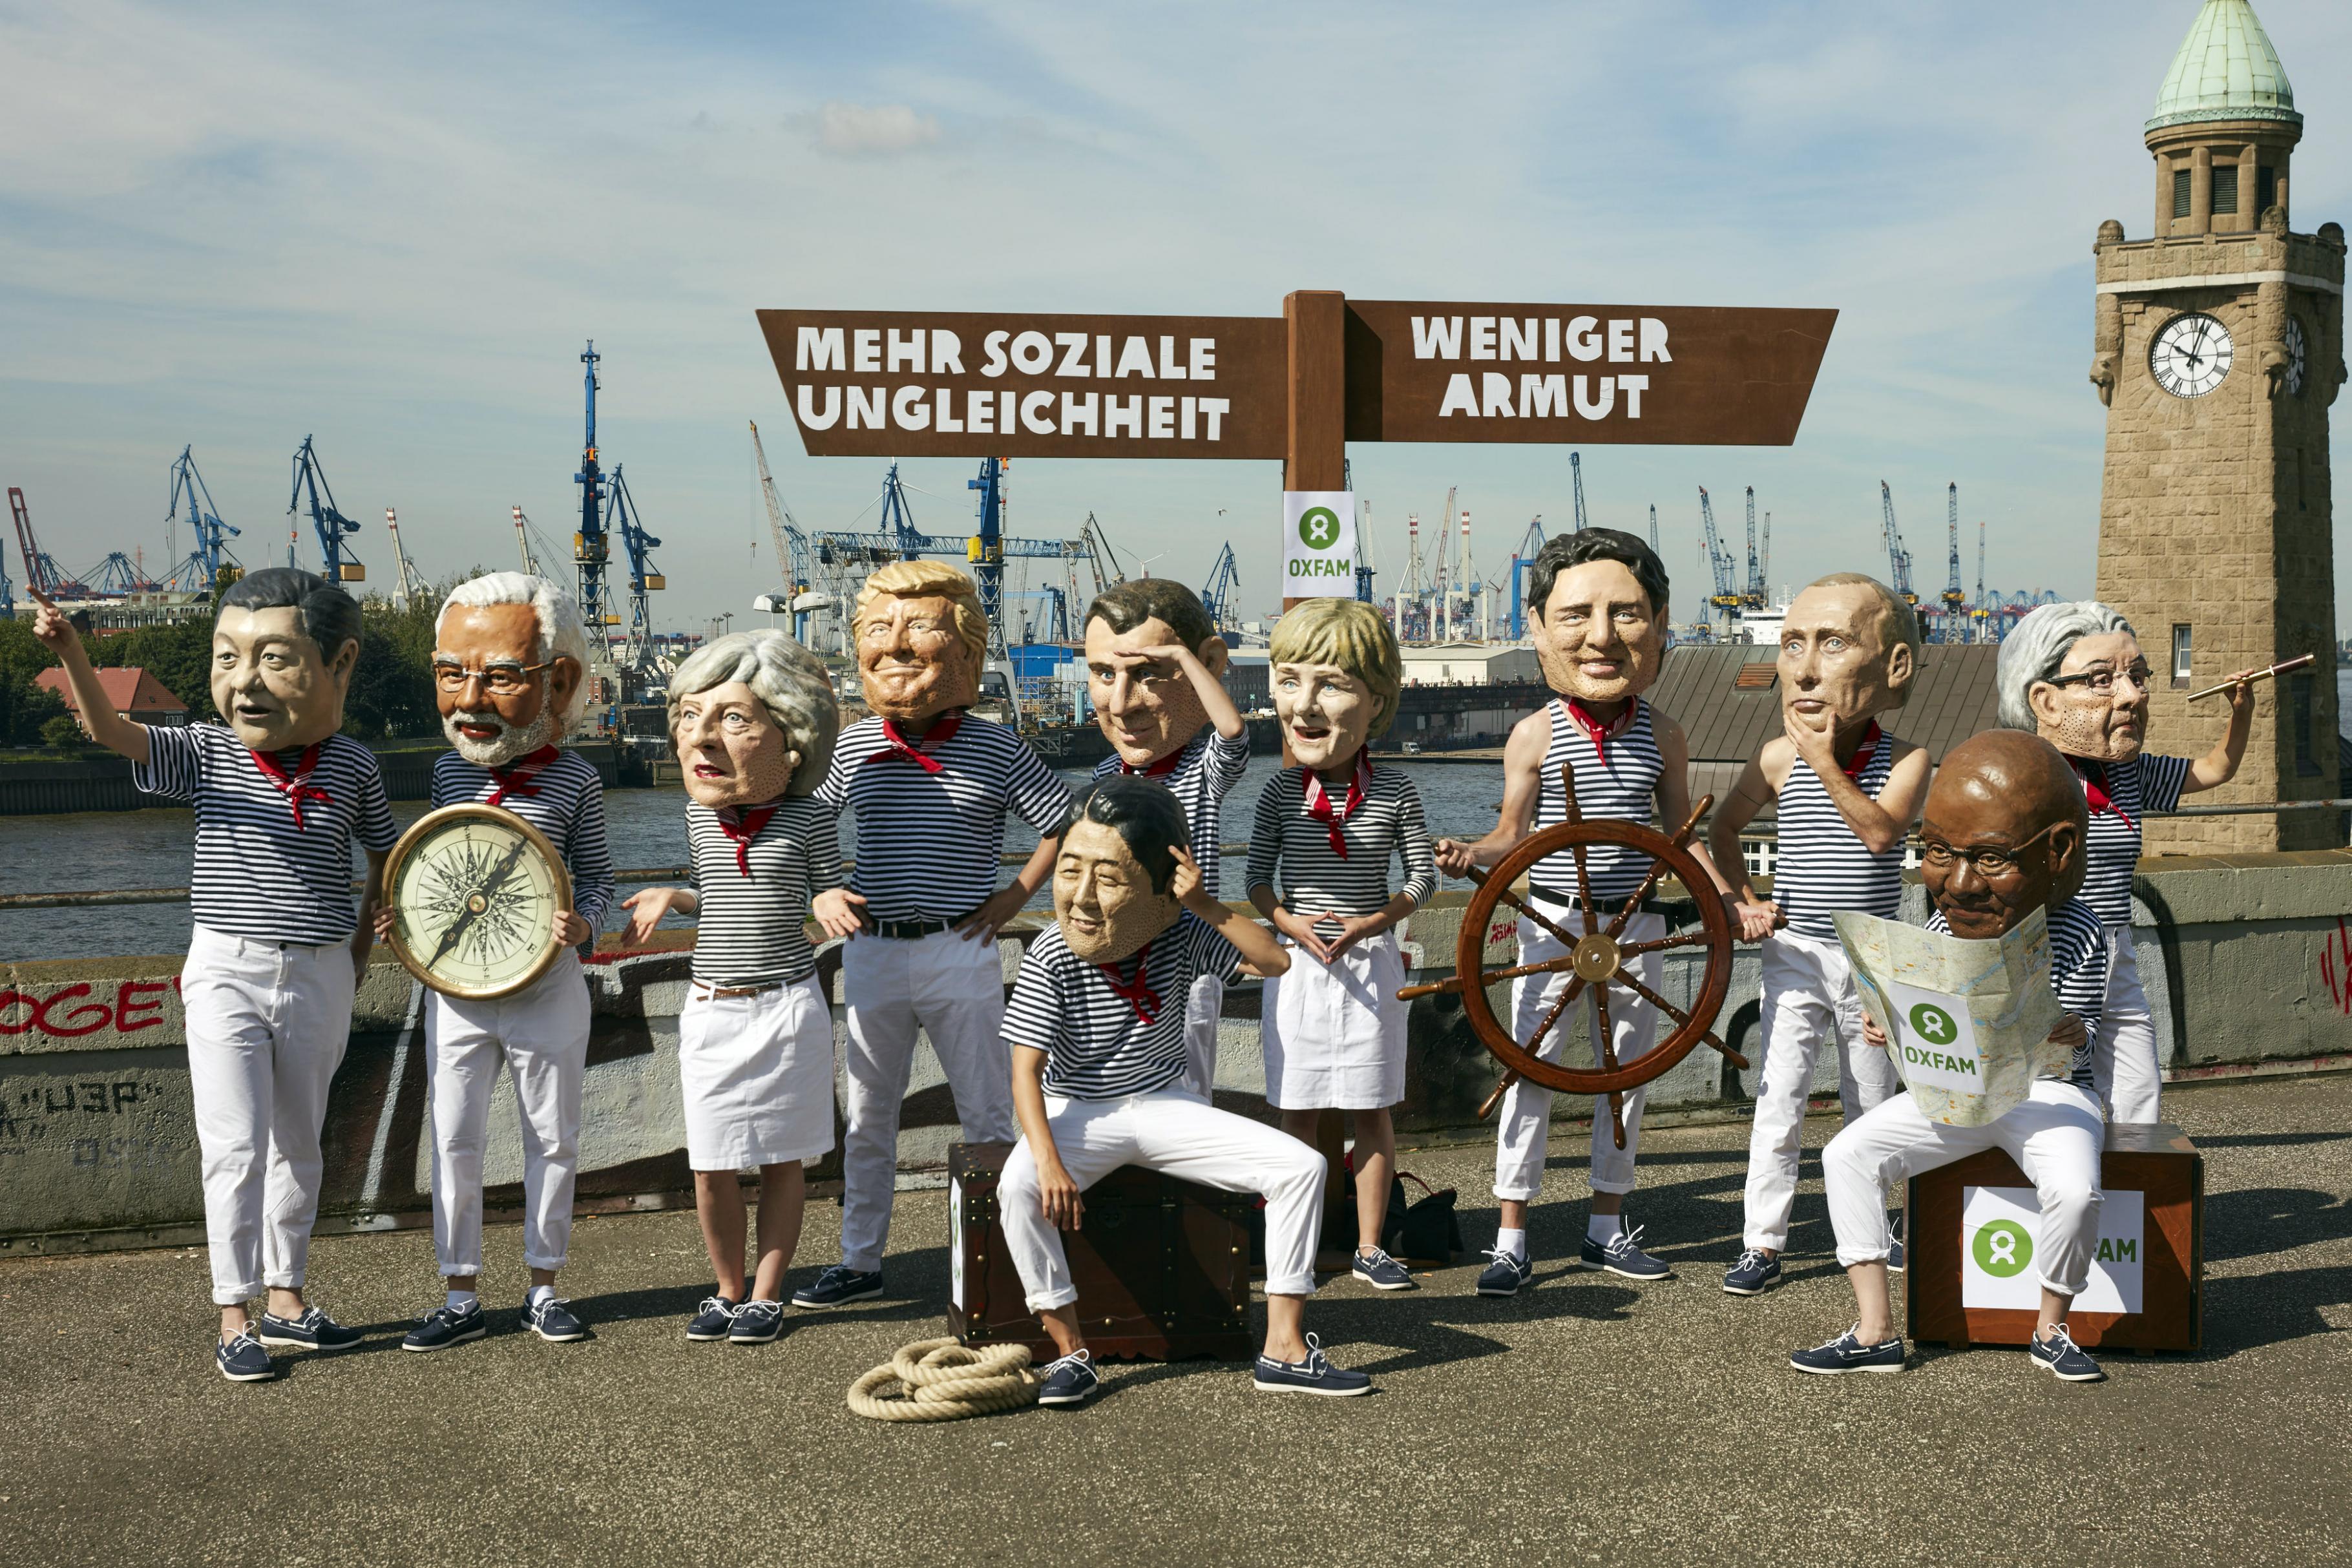 Oxfam-Aktivist/innen in überdimensionalen Masken einiger Staats- und Regierungschef/innen der G20 suchen nach dem Weg zu mehr sozialer Gerechtigkeit